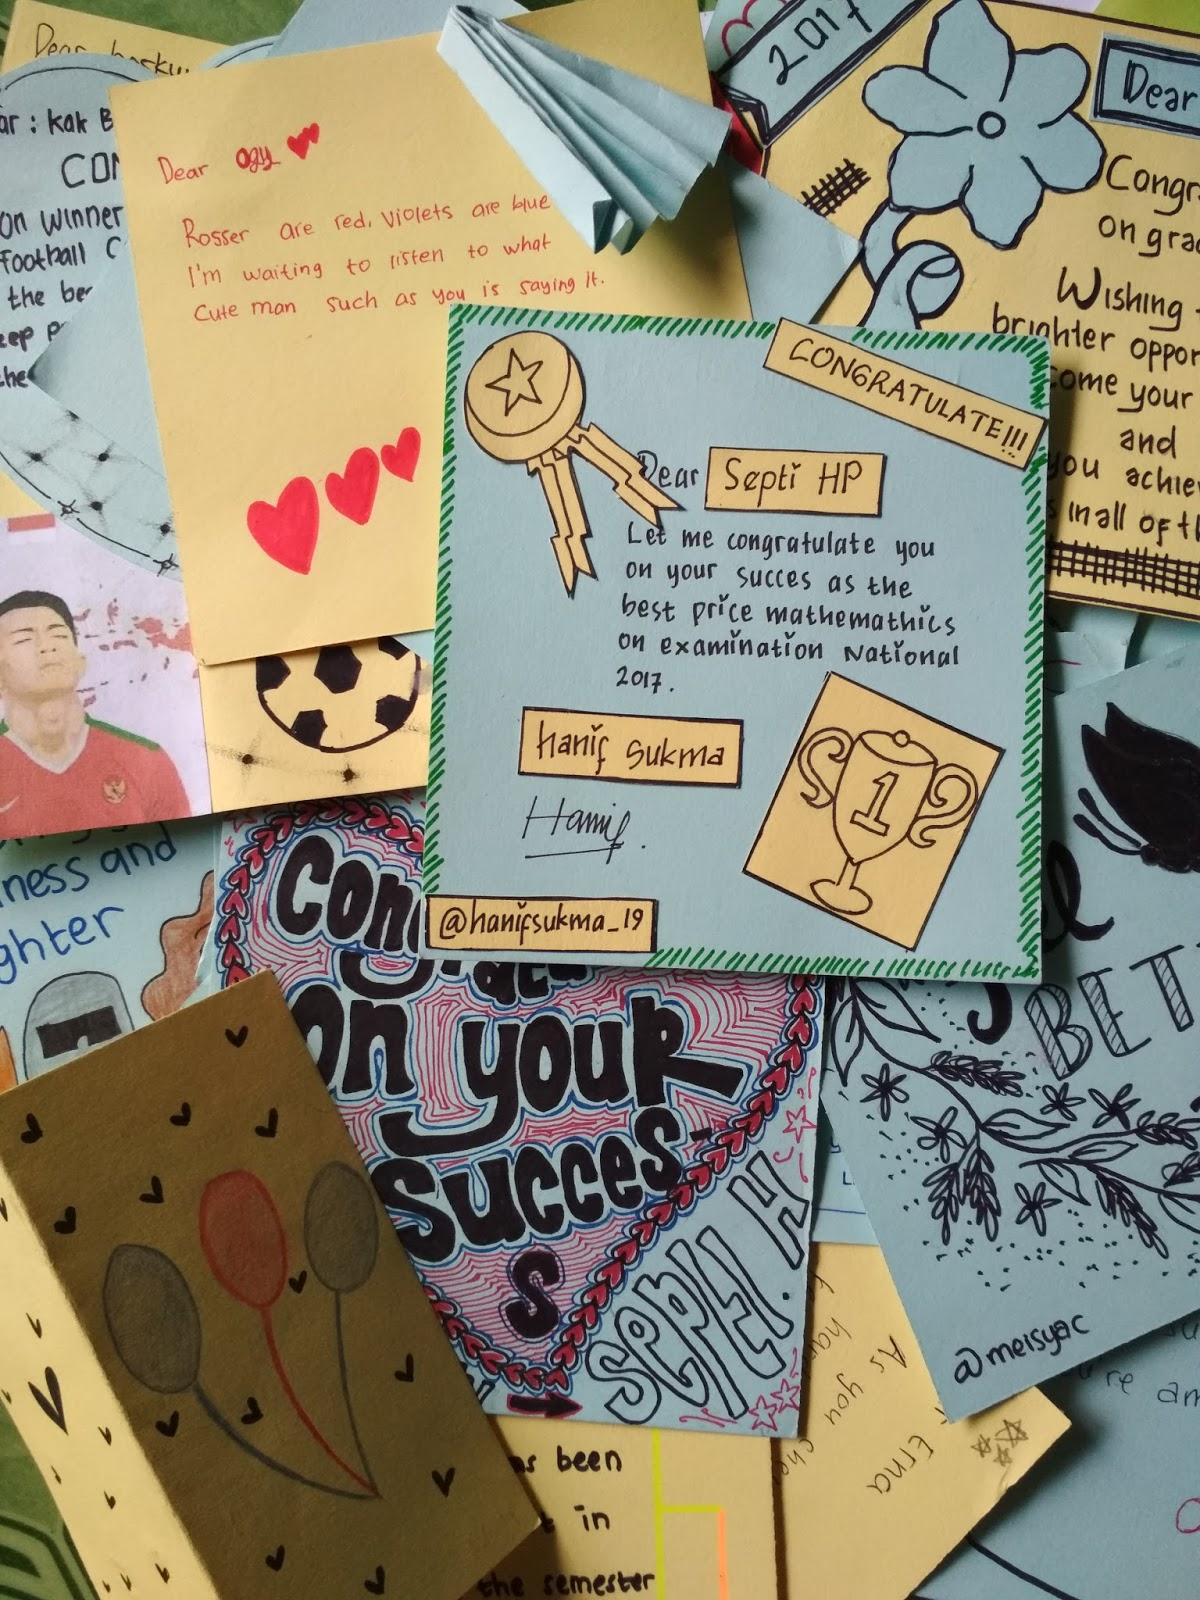 8 Contoh Congratulation Card (Kartu Ucapan Selamat Dalam Bahasa Inggris)